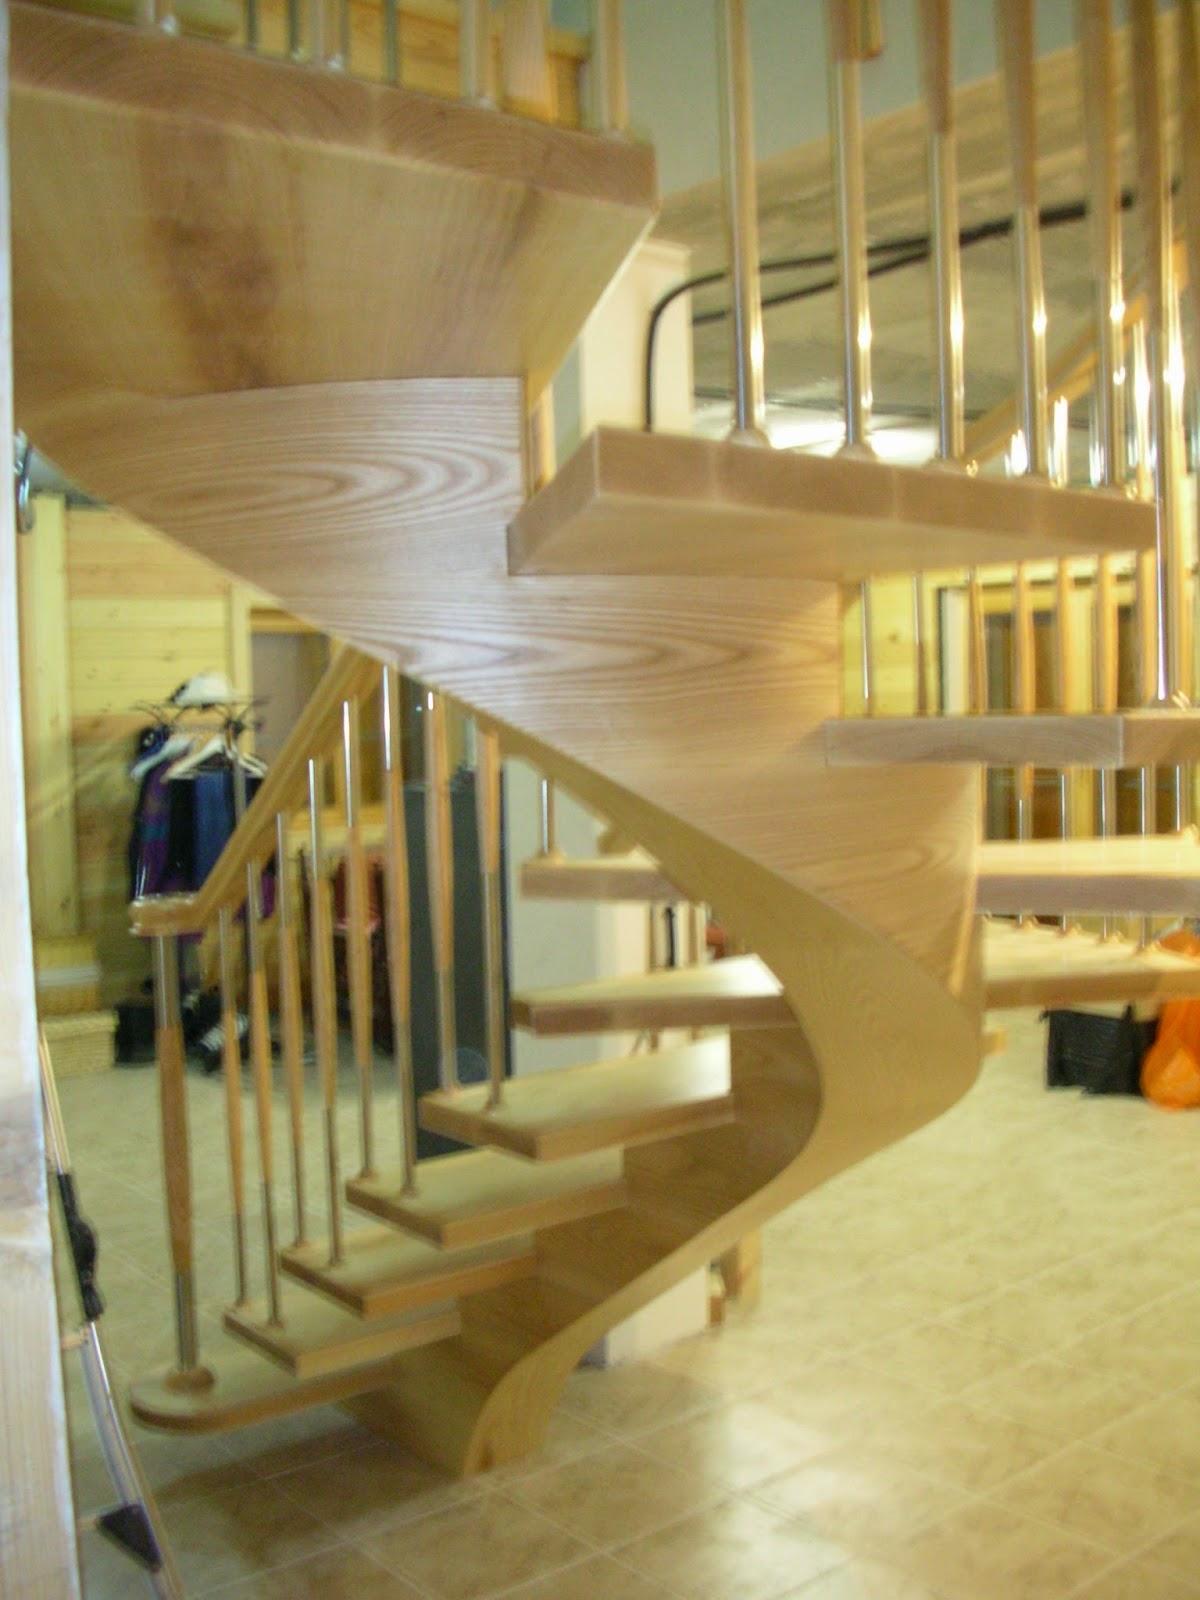 Escaleras y pasamanos escalera de zanca central helicoidal for Escaleras 7 escalones